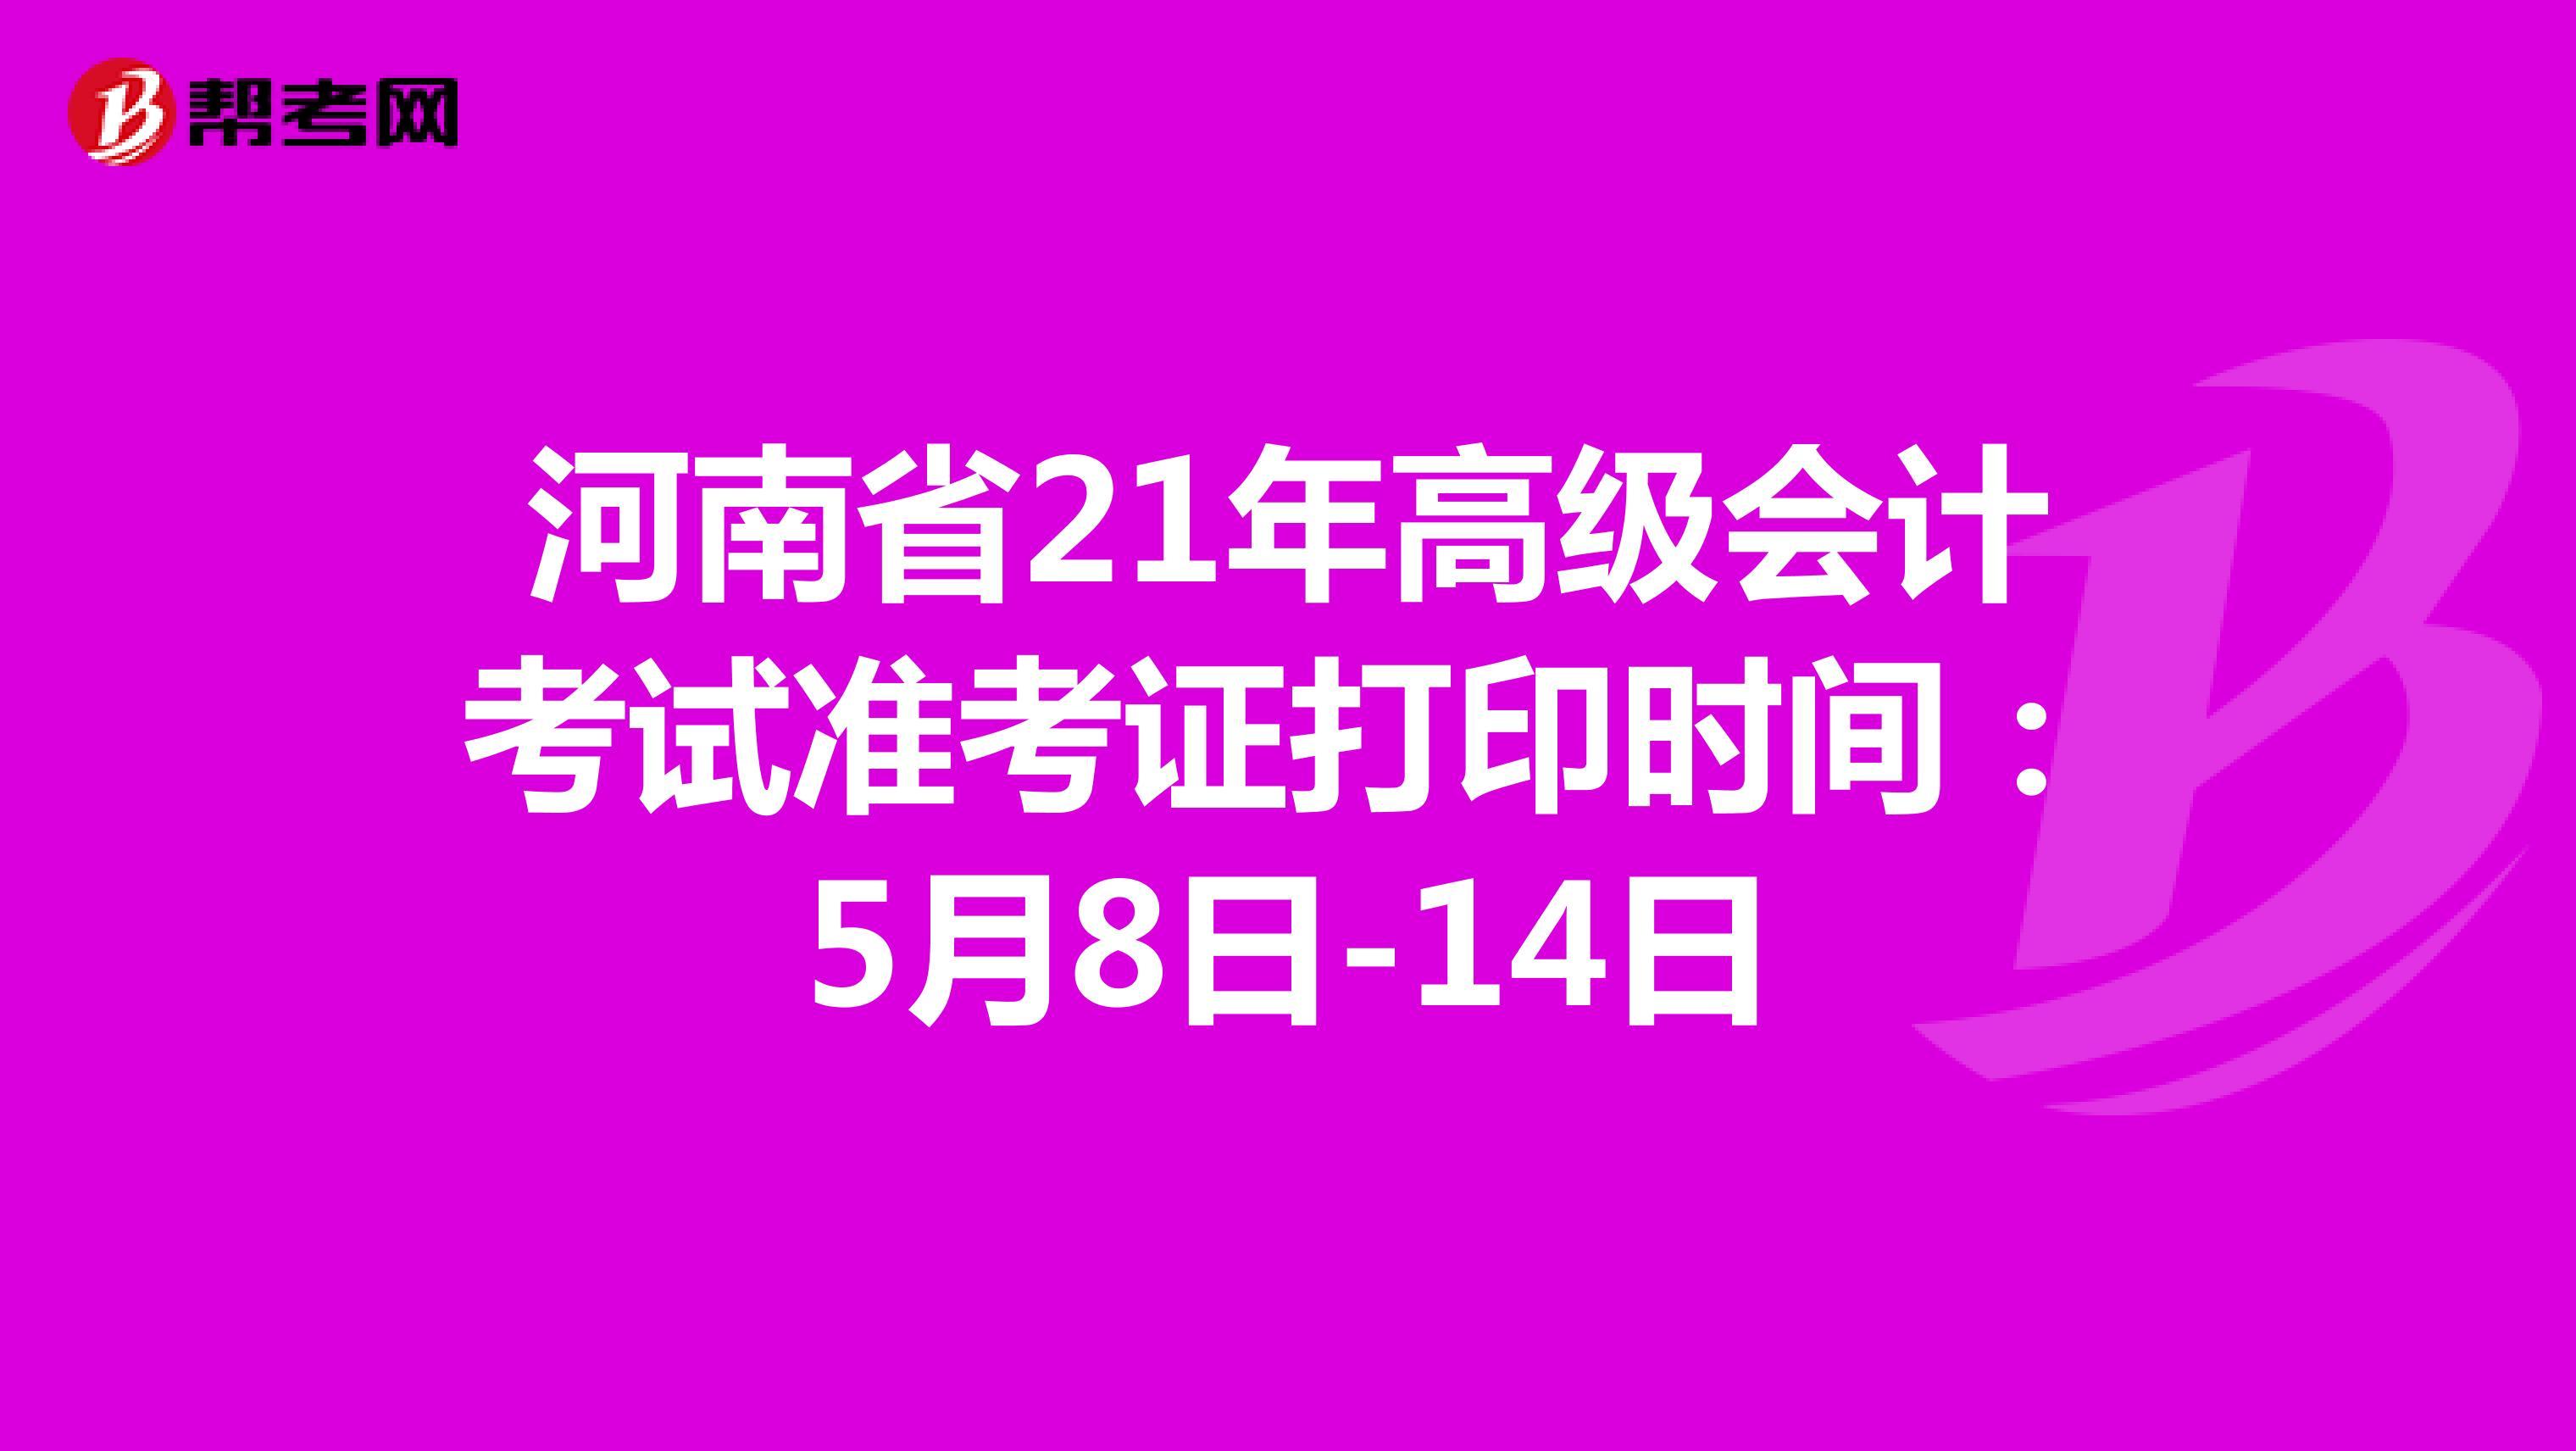 河南省21年高级会计考试准考证打印时间:5月8日-14日